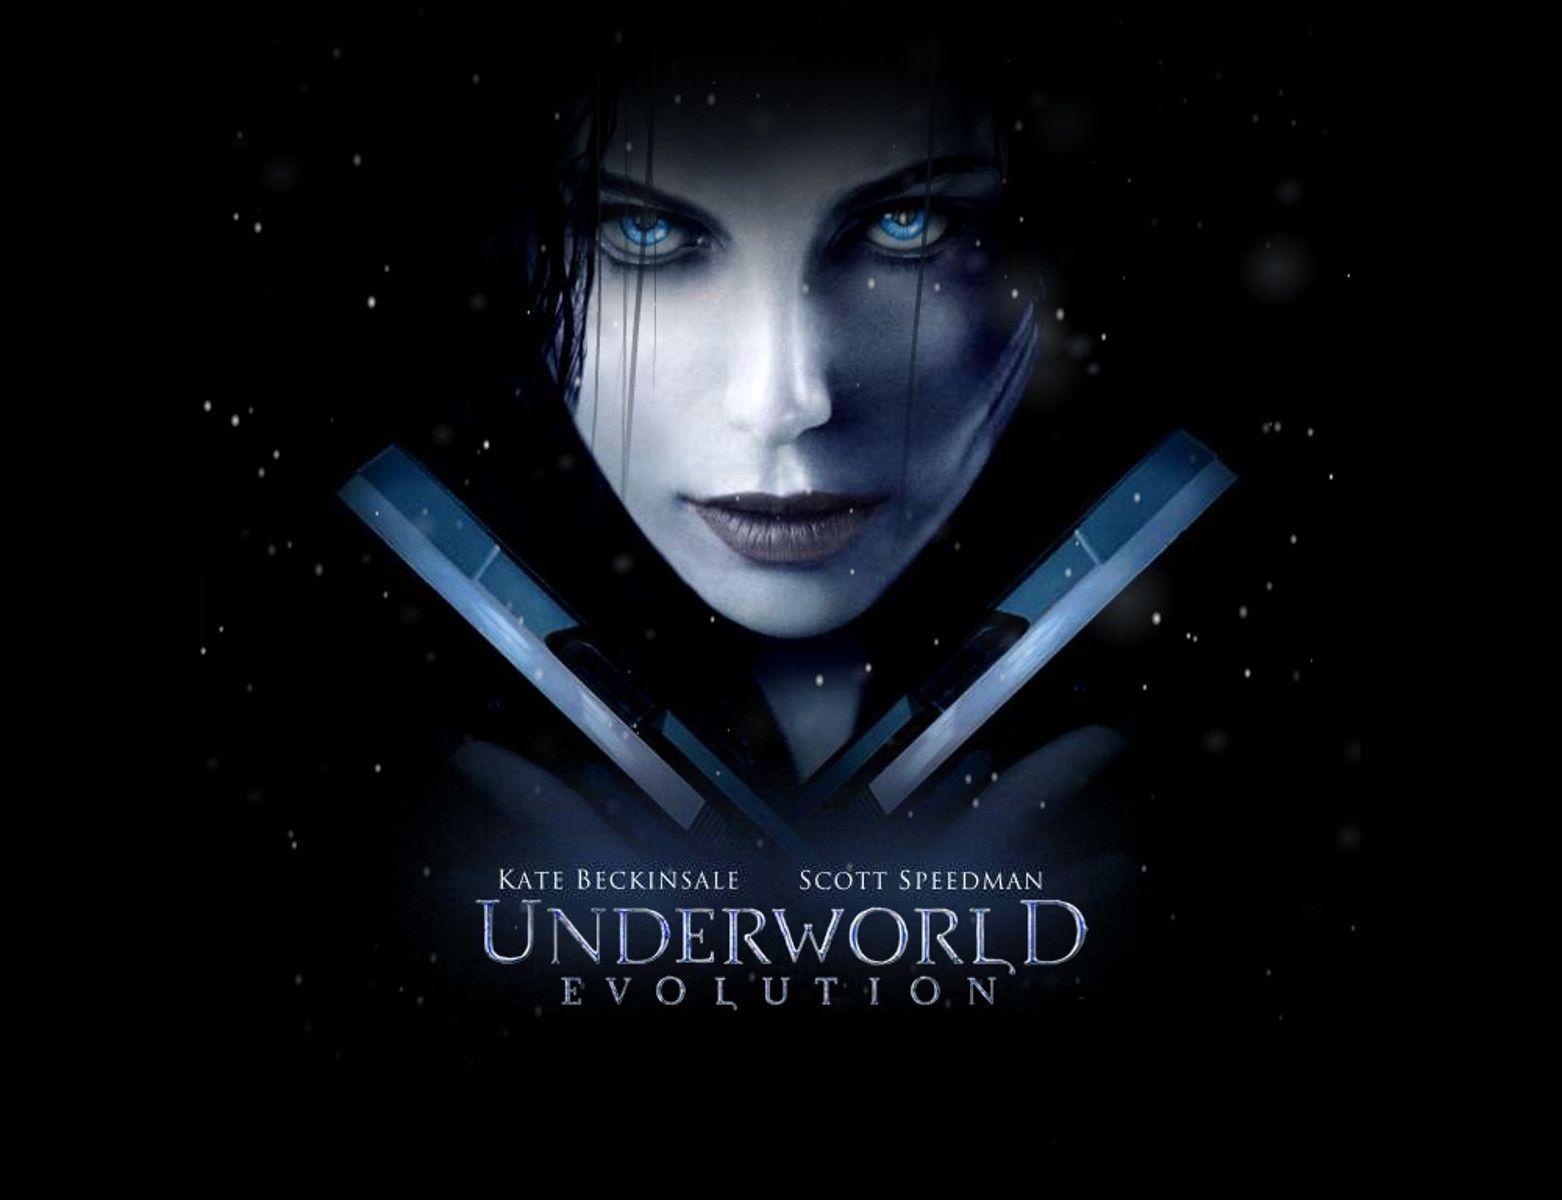 Kate Beckinsale Underworld Wallpapers Wallpaper Cave Kate Beckinsale Underworld Underworld Kate Beckinsale